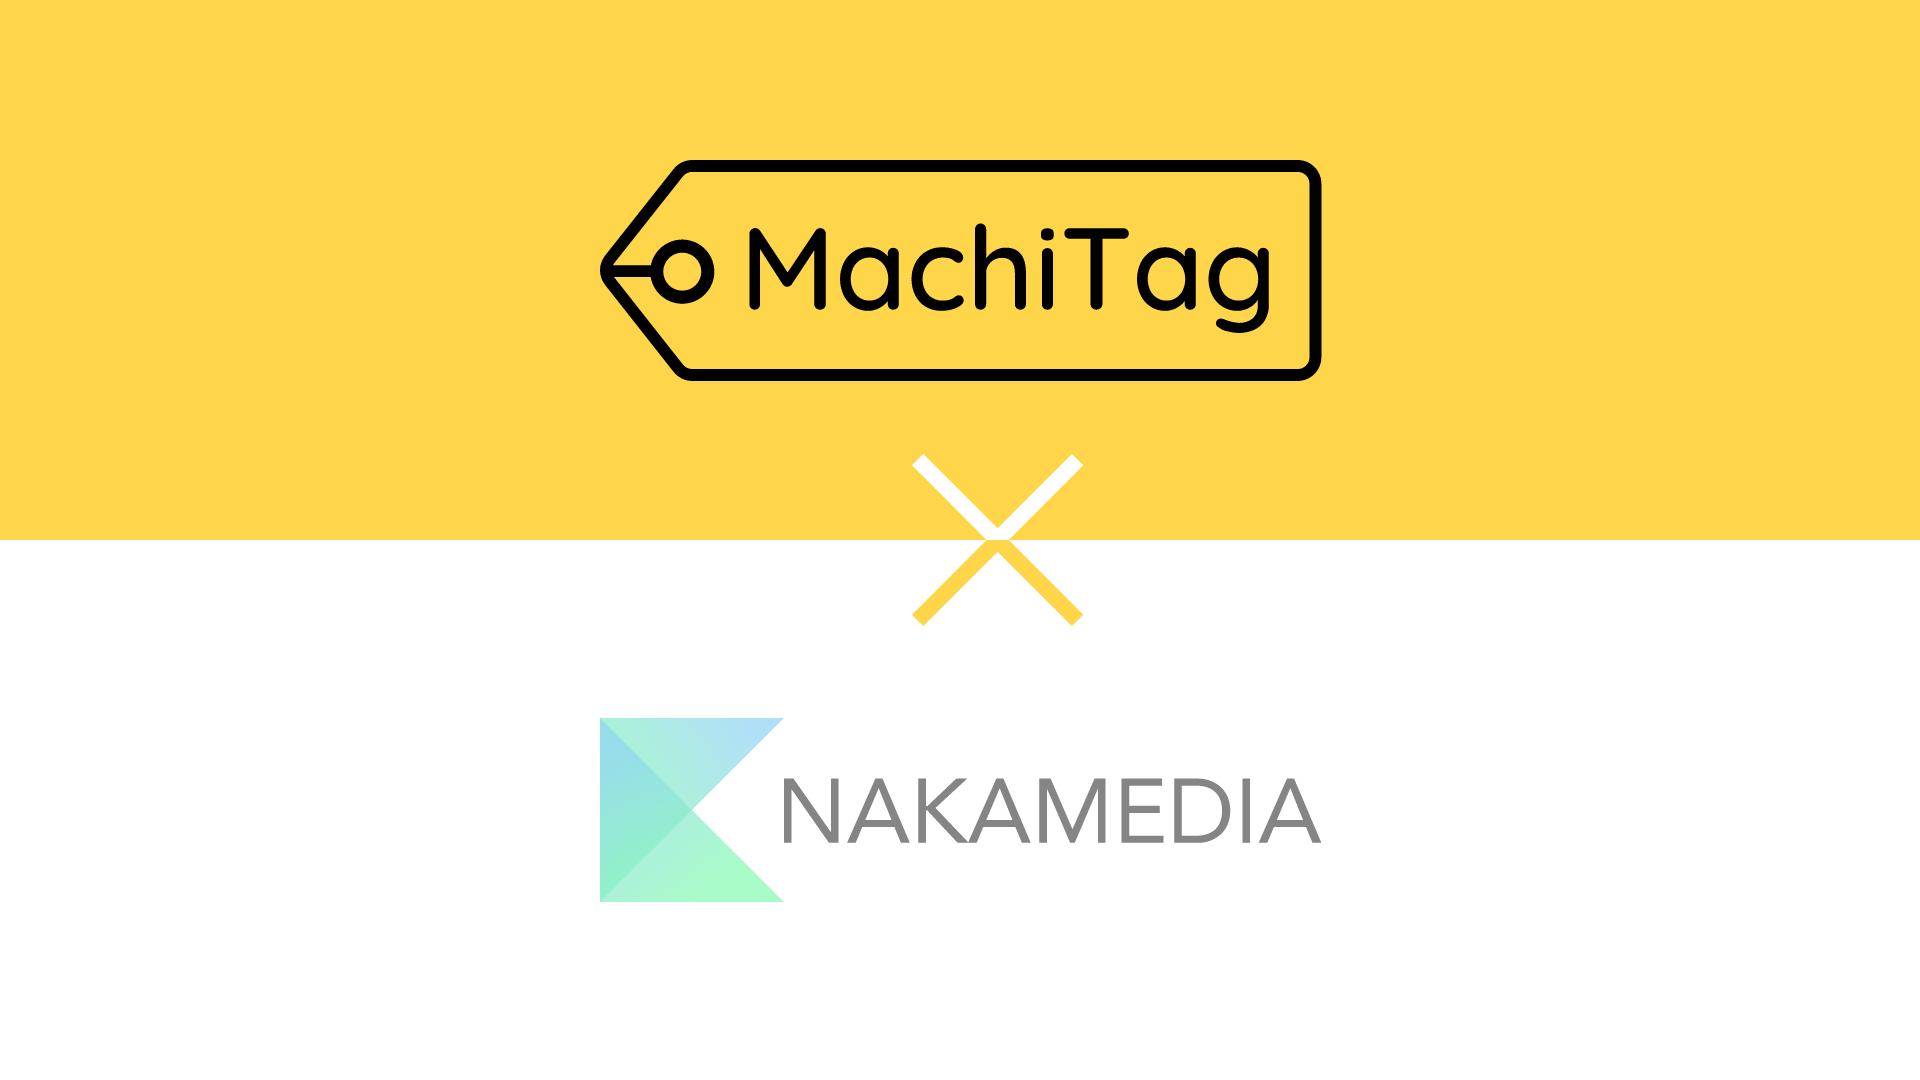 MachiTag(マチタグ)とナカメディアがコラボ|行きたい場所が楽しく見つかる!【使い方ガイド】|ナカメディア